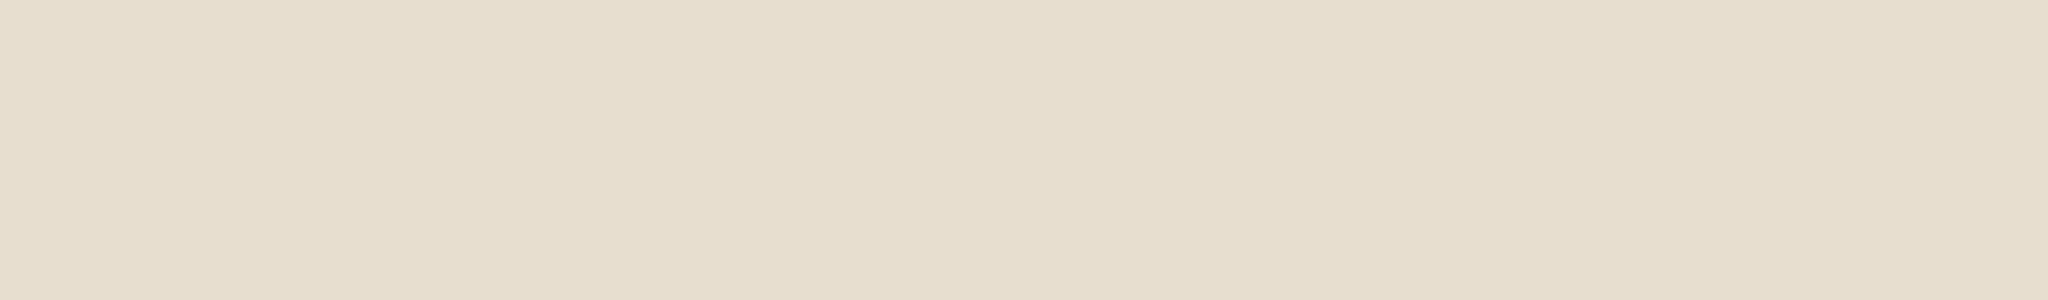 HU 12177 Chant ABS Beige Malaga Lisse Brillant 90°